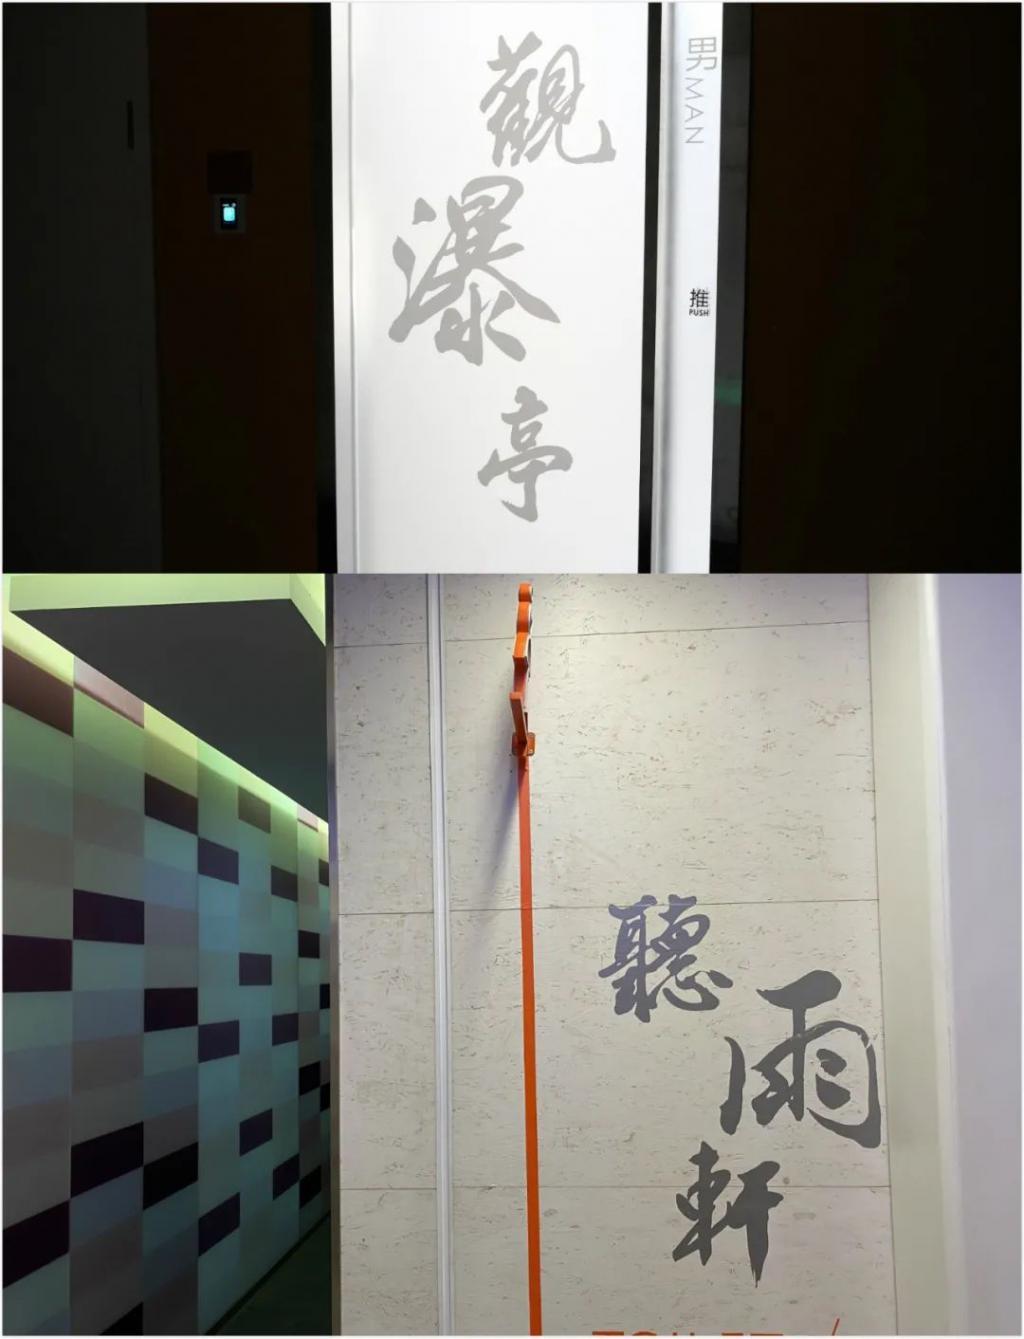 互联网大厂的厕所难题 难以启齿的困扰